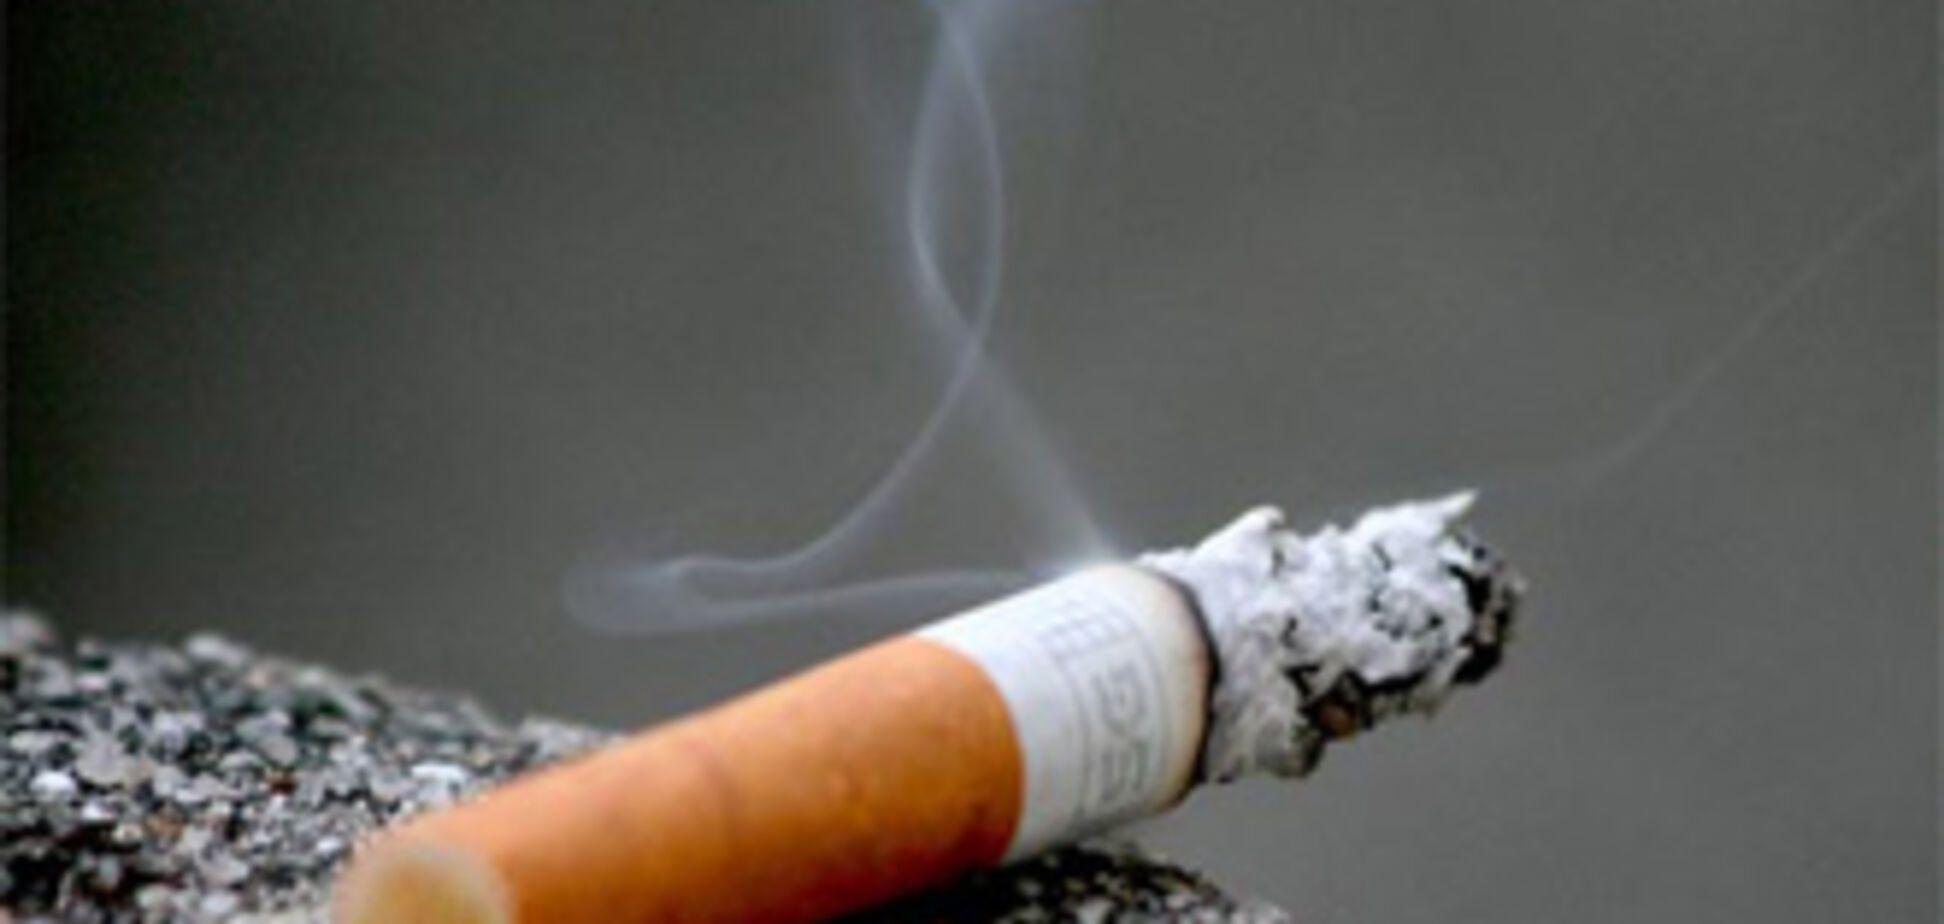 Кабмин будет бороться за повышение цен на табак до победы